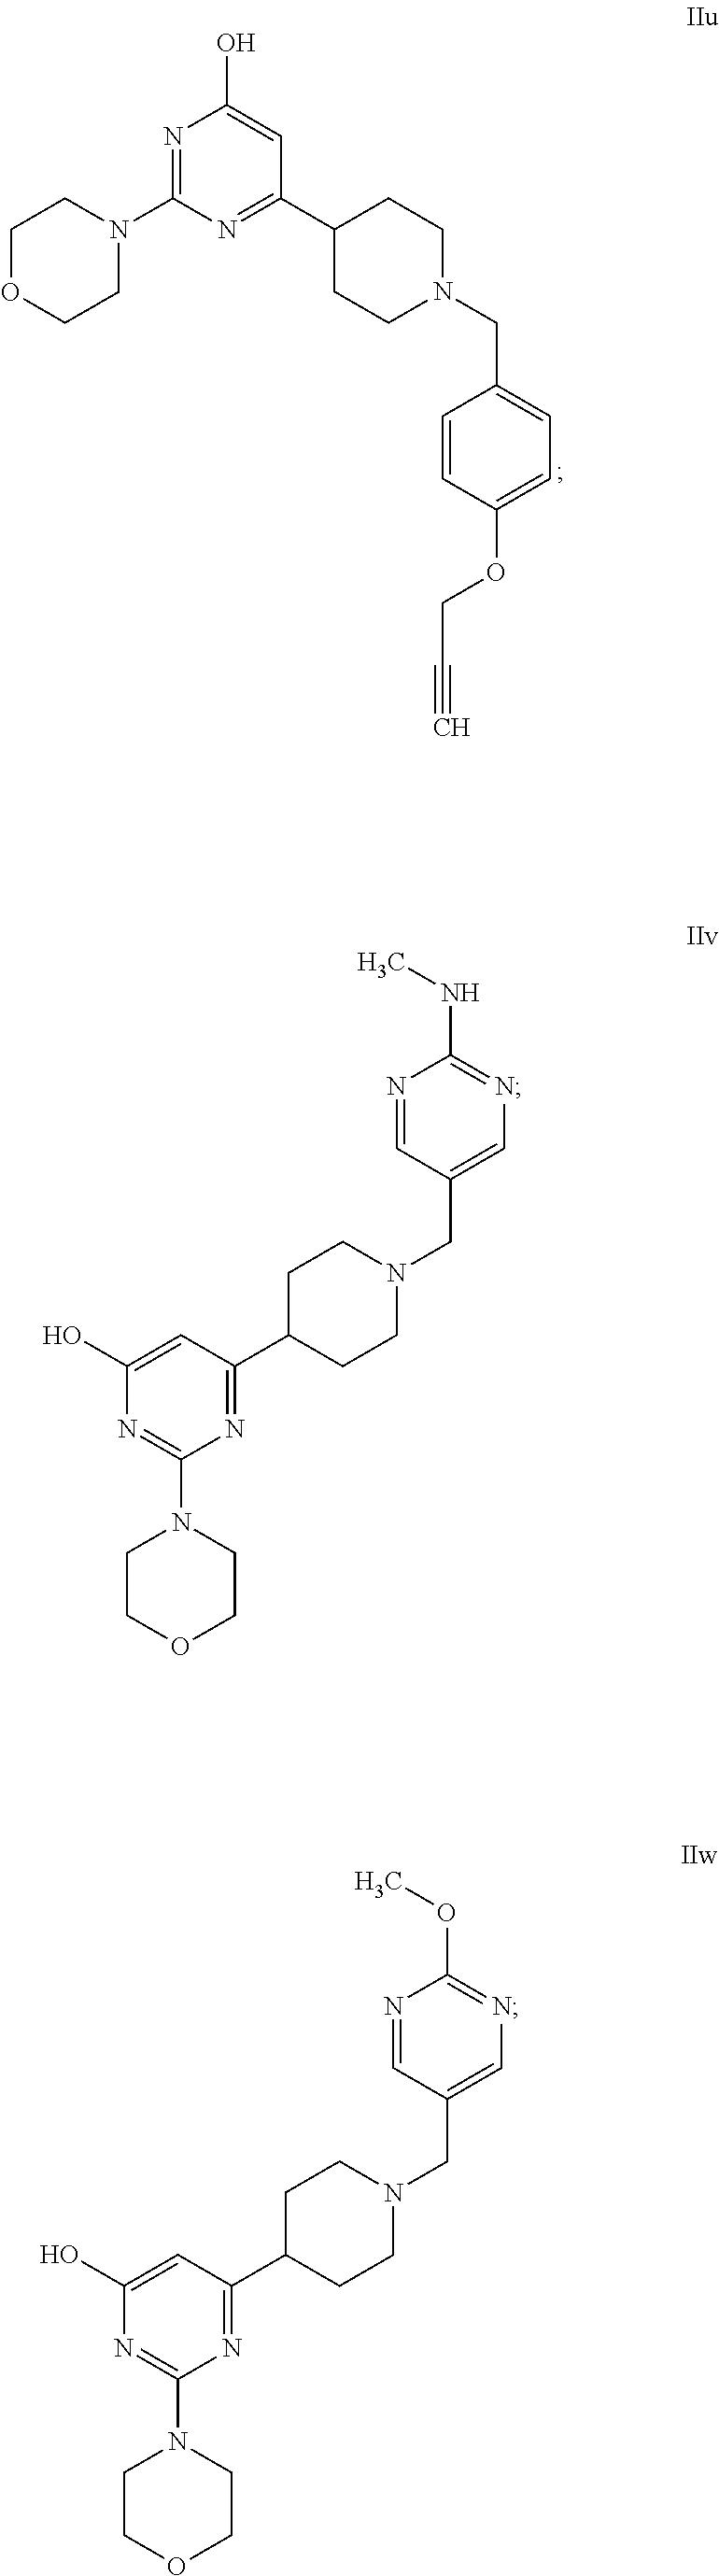 Figure US09085585-20150721-C00027